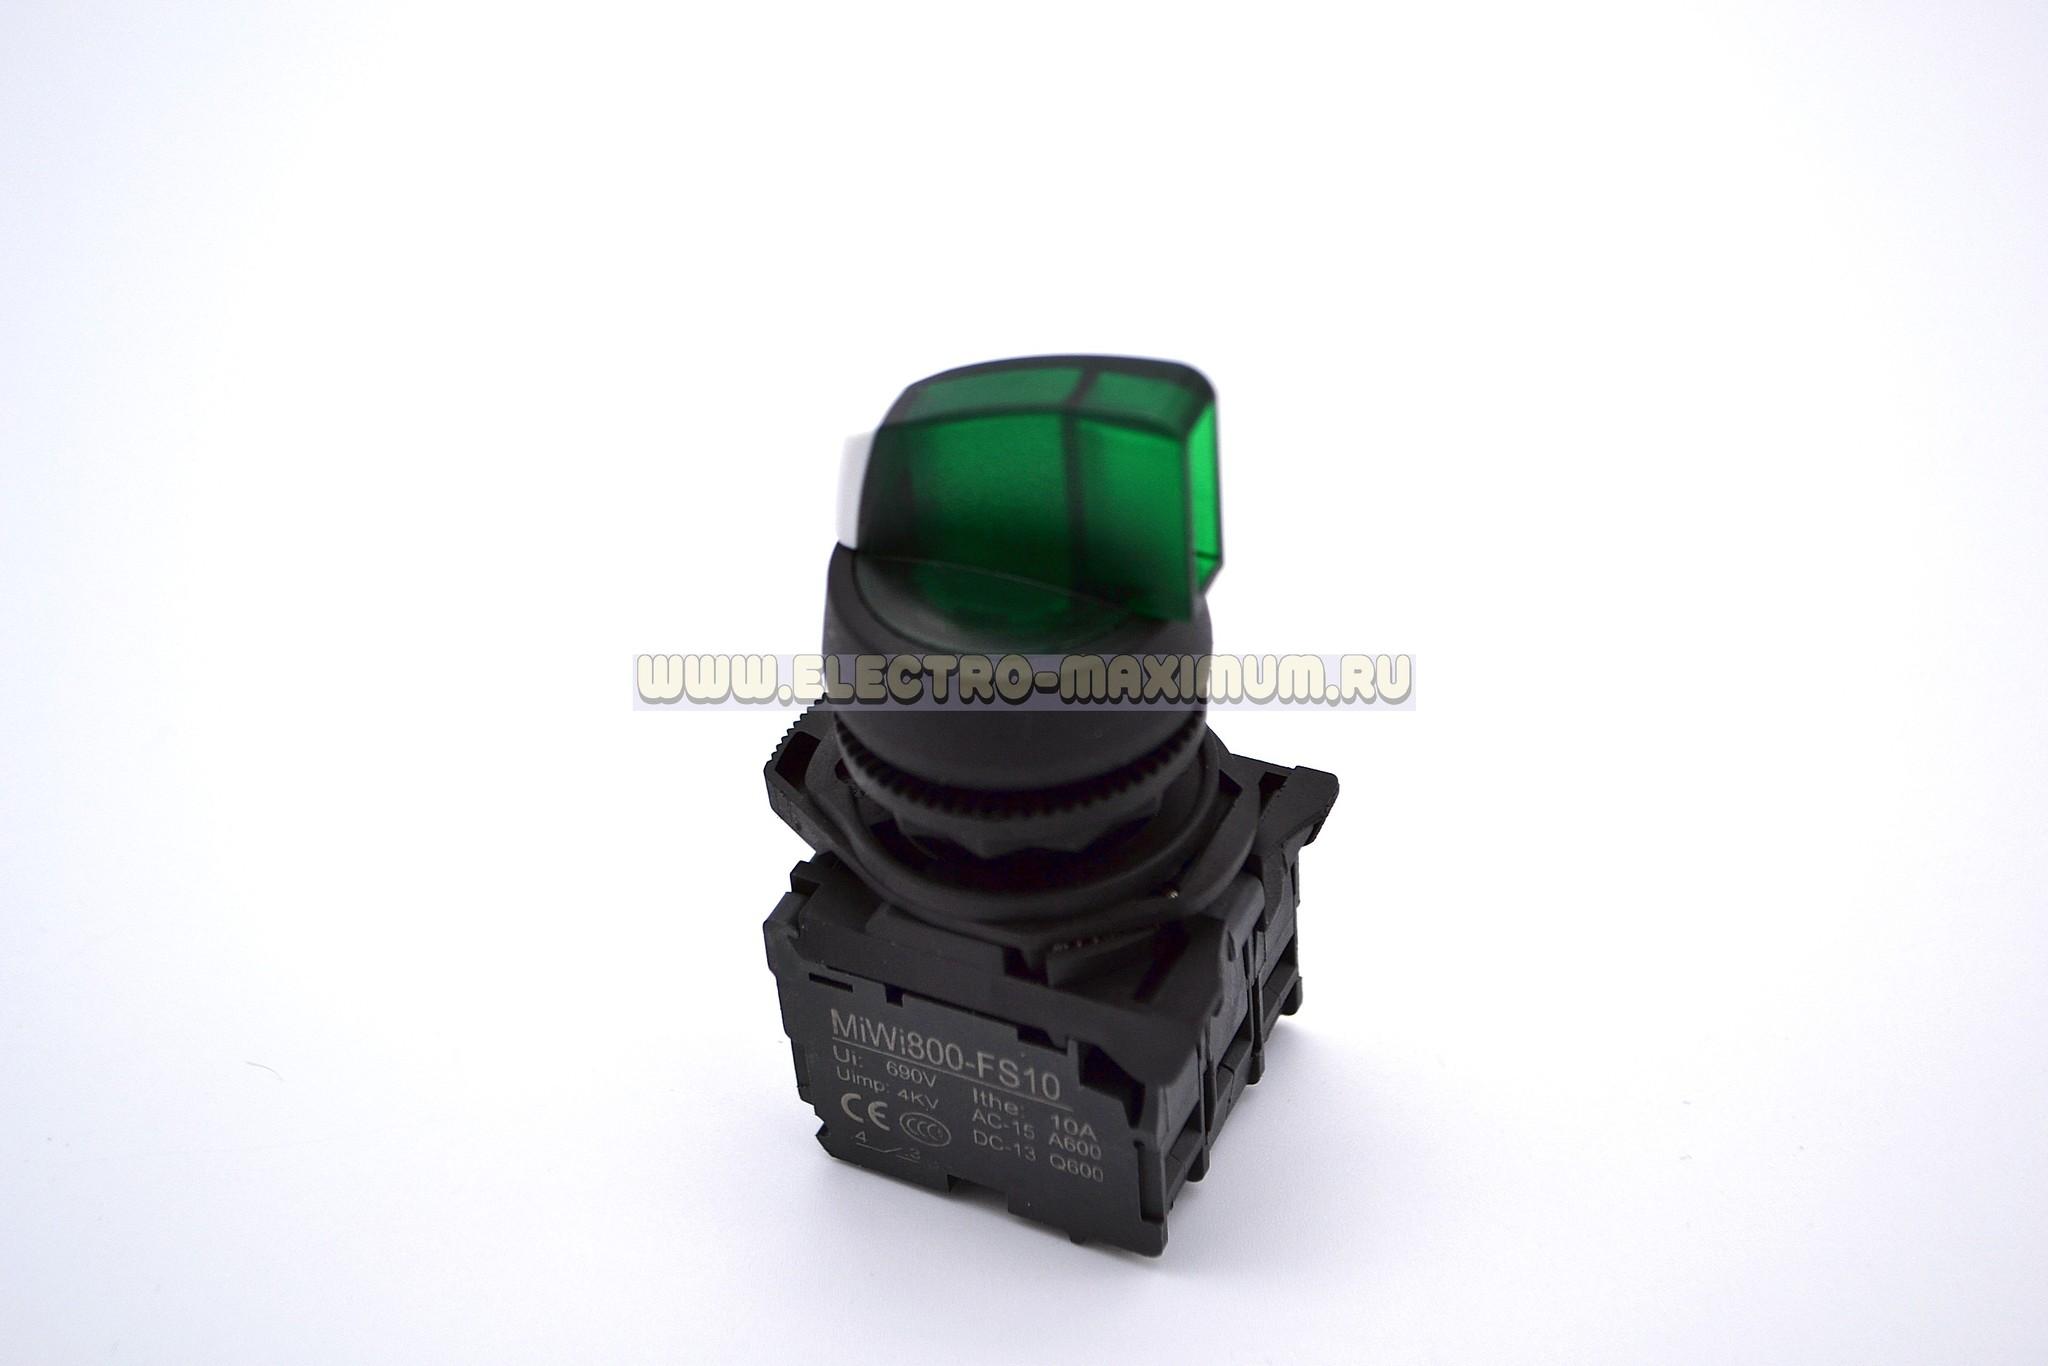 MIWI800-FS-XSDP37